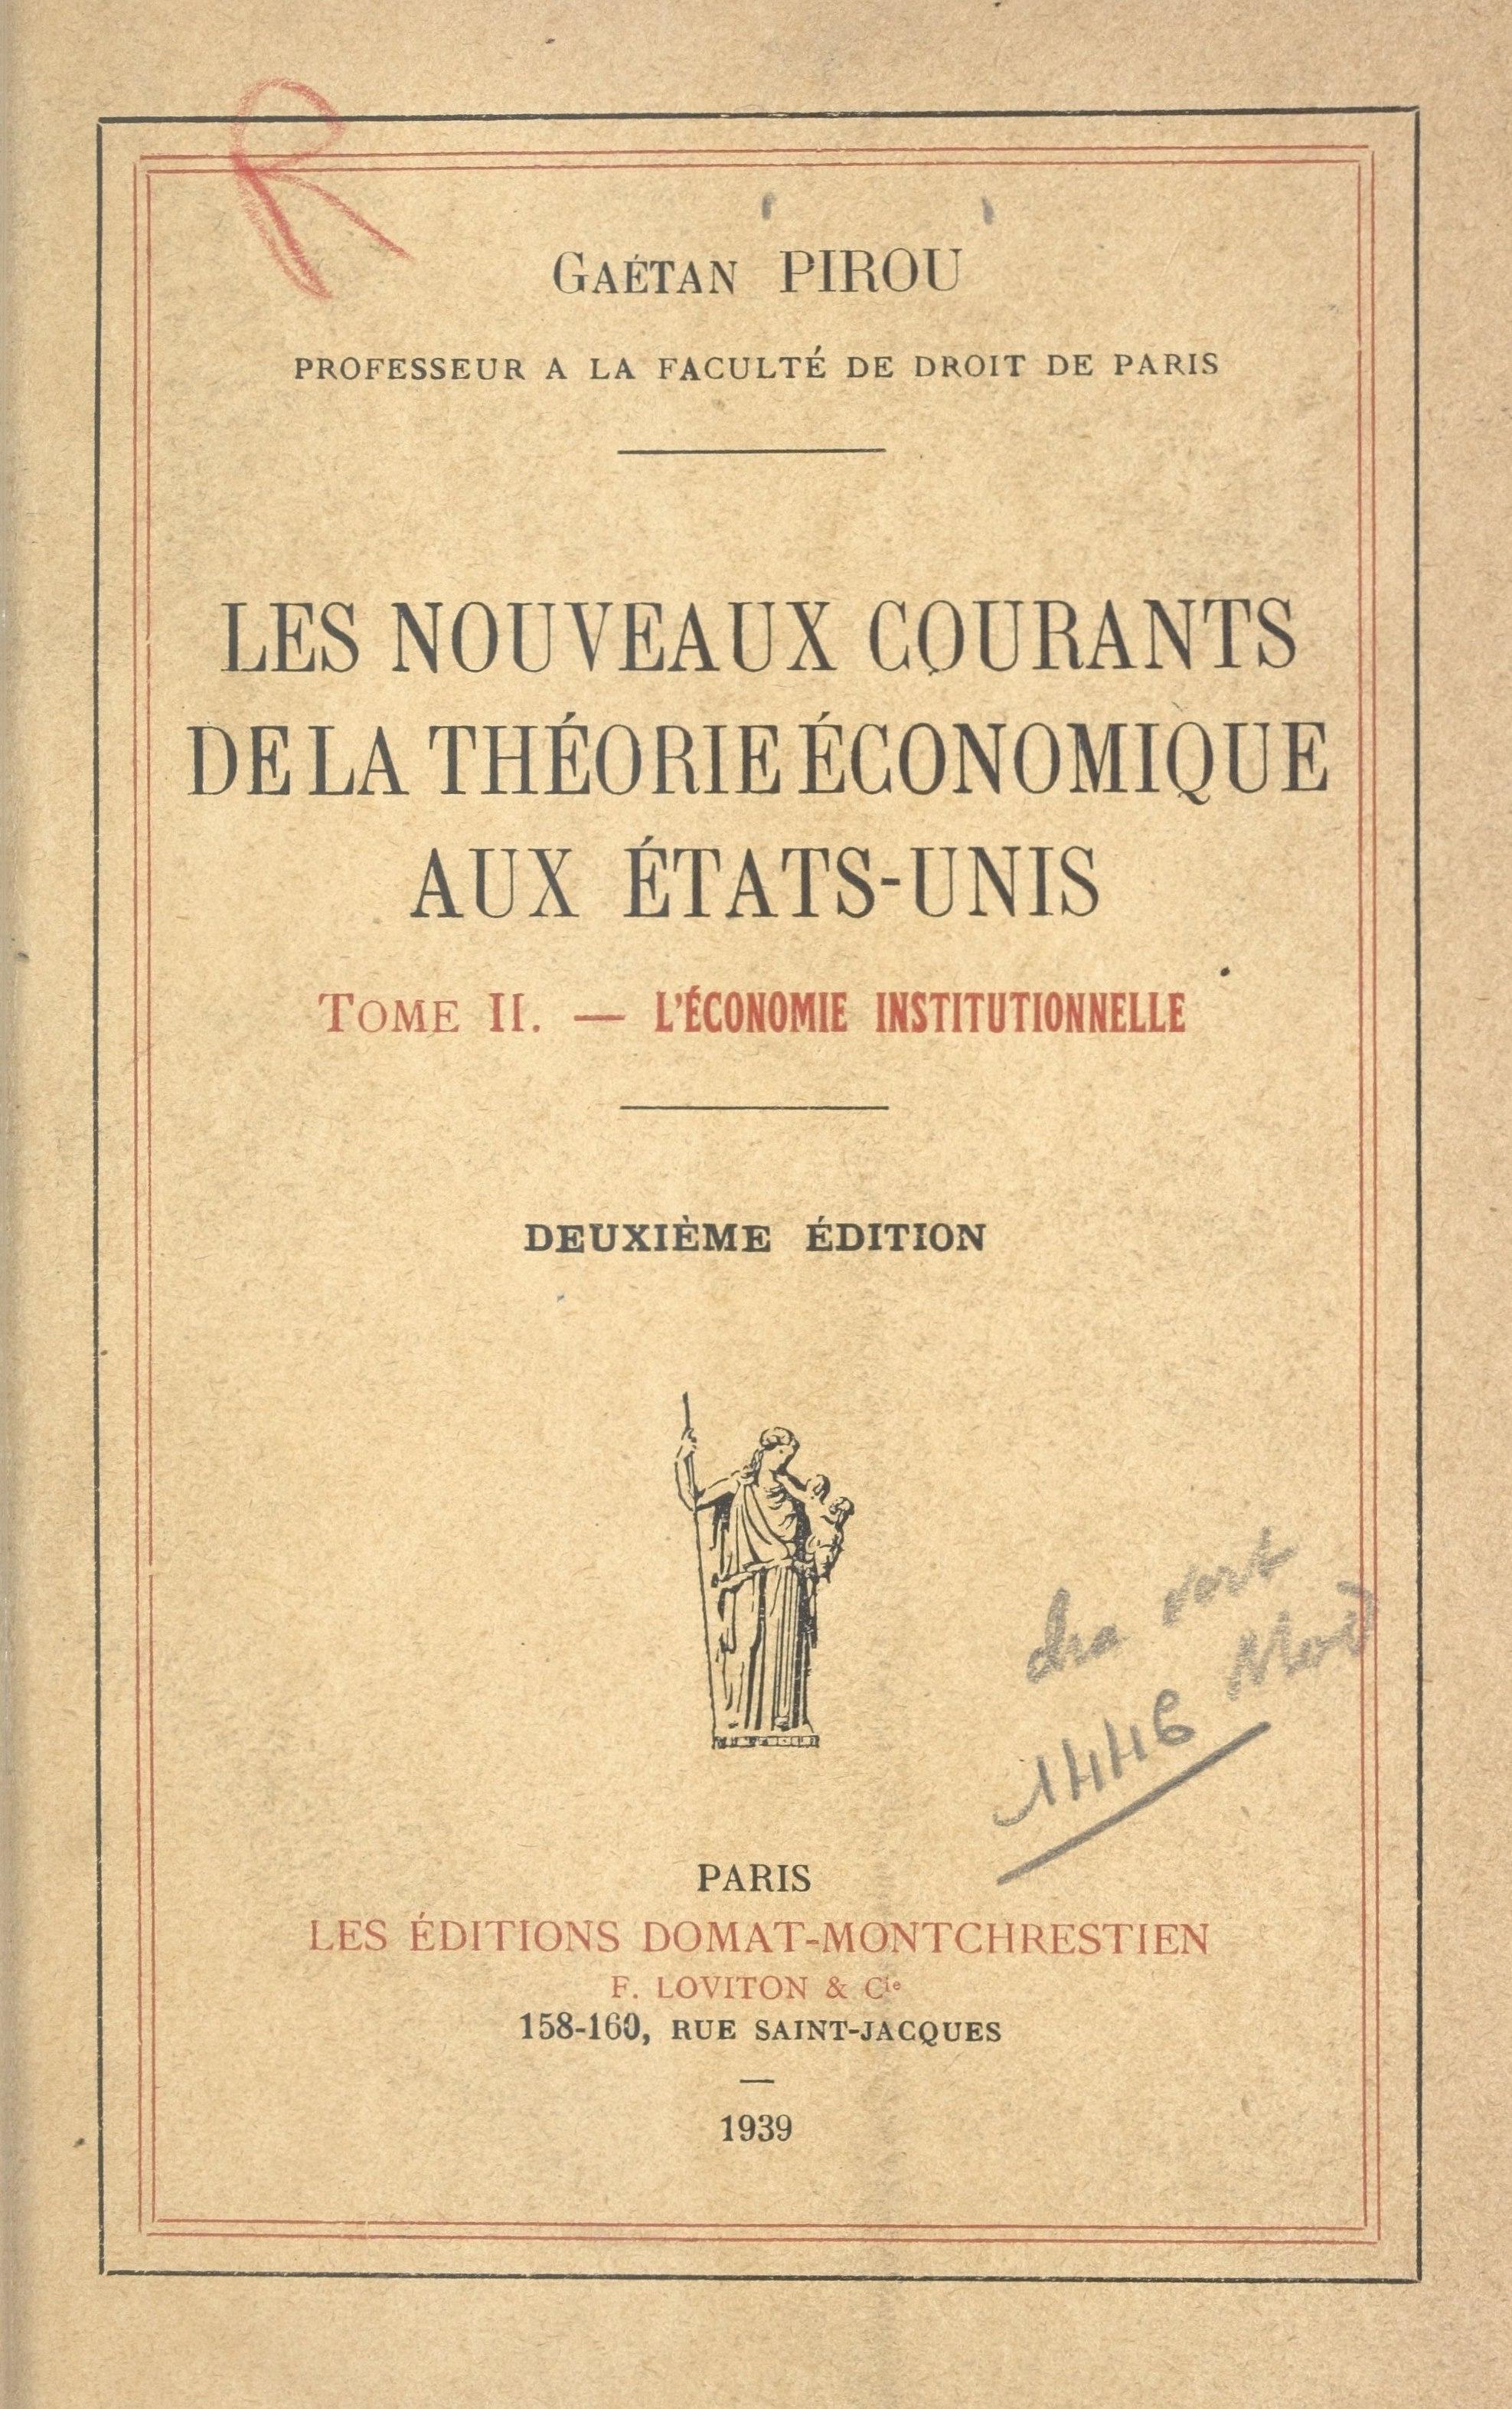 Les nouveaux courants de la théorie économique aux États-Unis (2), L'ÉCONOMIE INSTITUTIONNELLE. CONFÉRENCES FAITES À L'ÉCOLE PRATIQUE DES HAUTES ÉTUDES EN 1935-1936